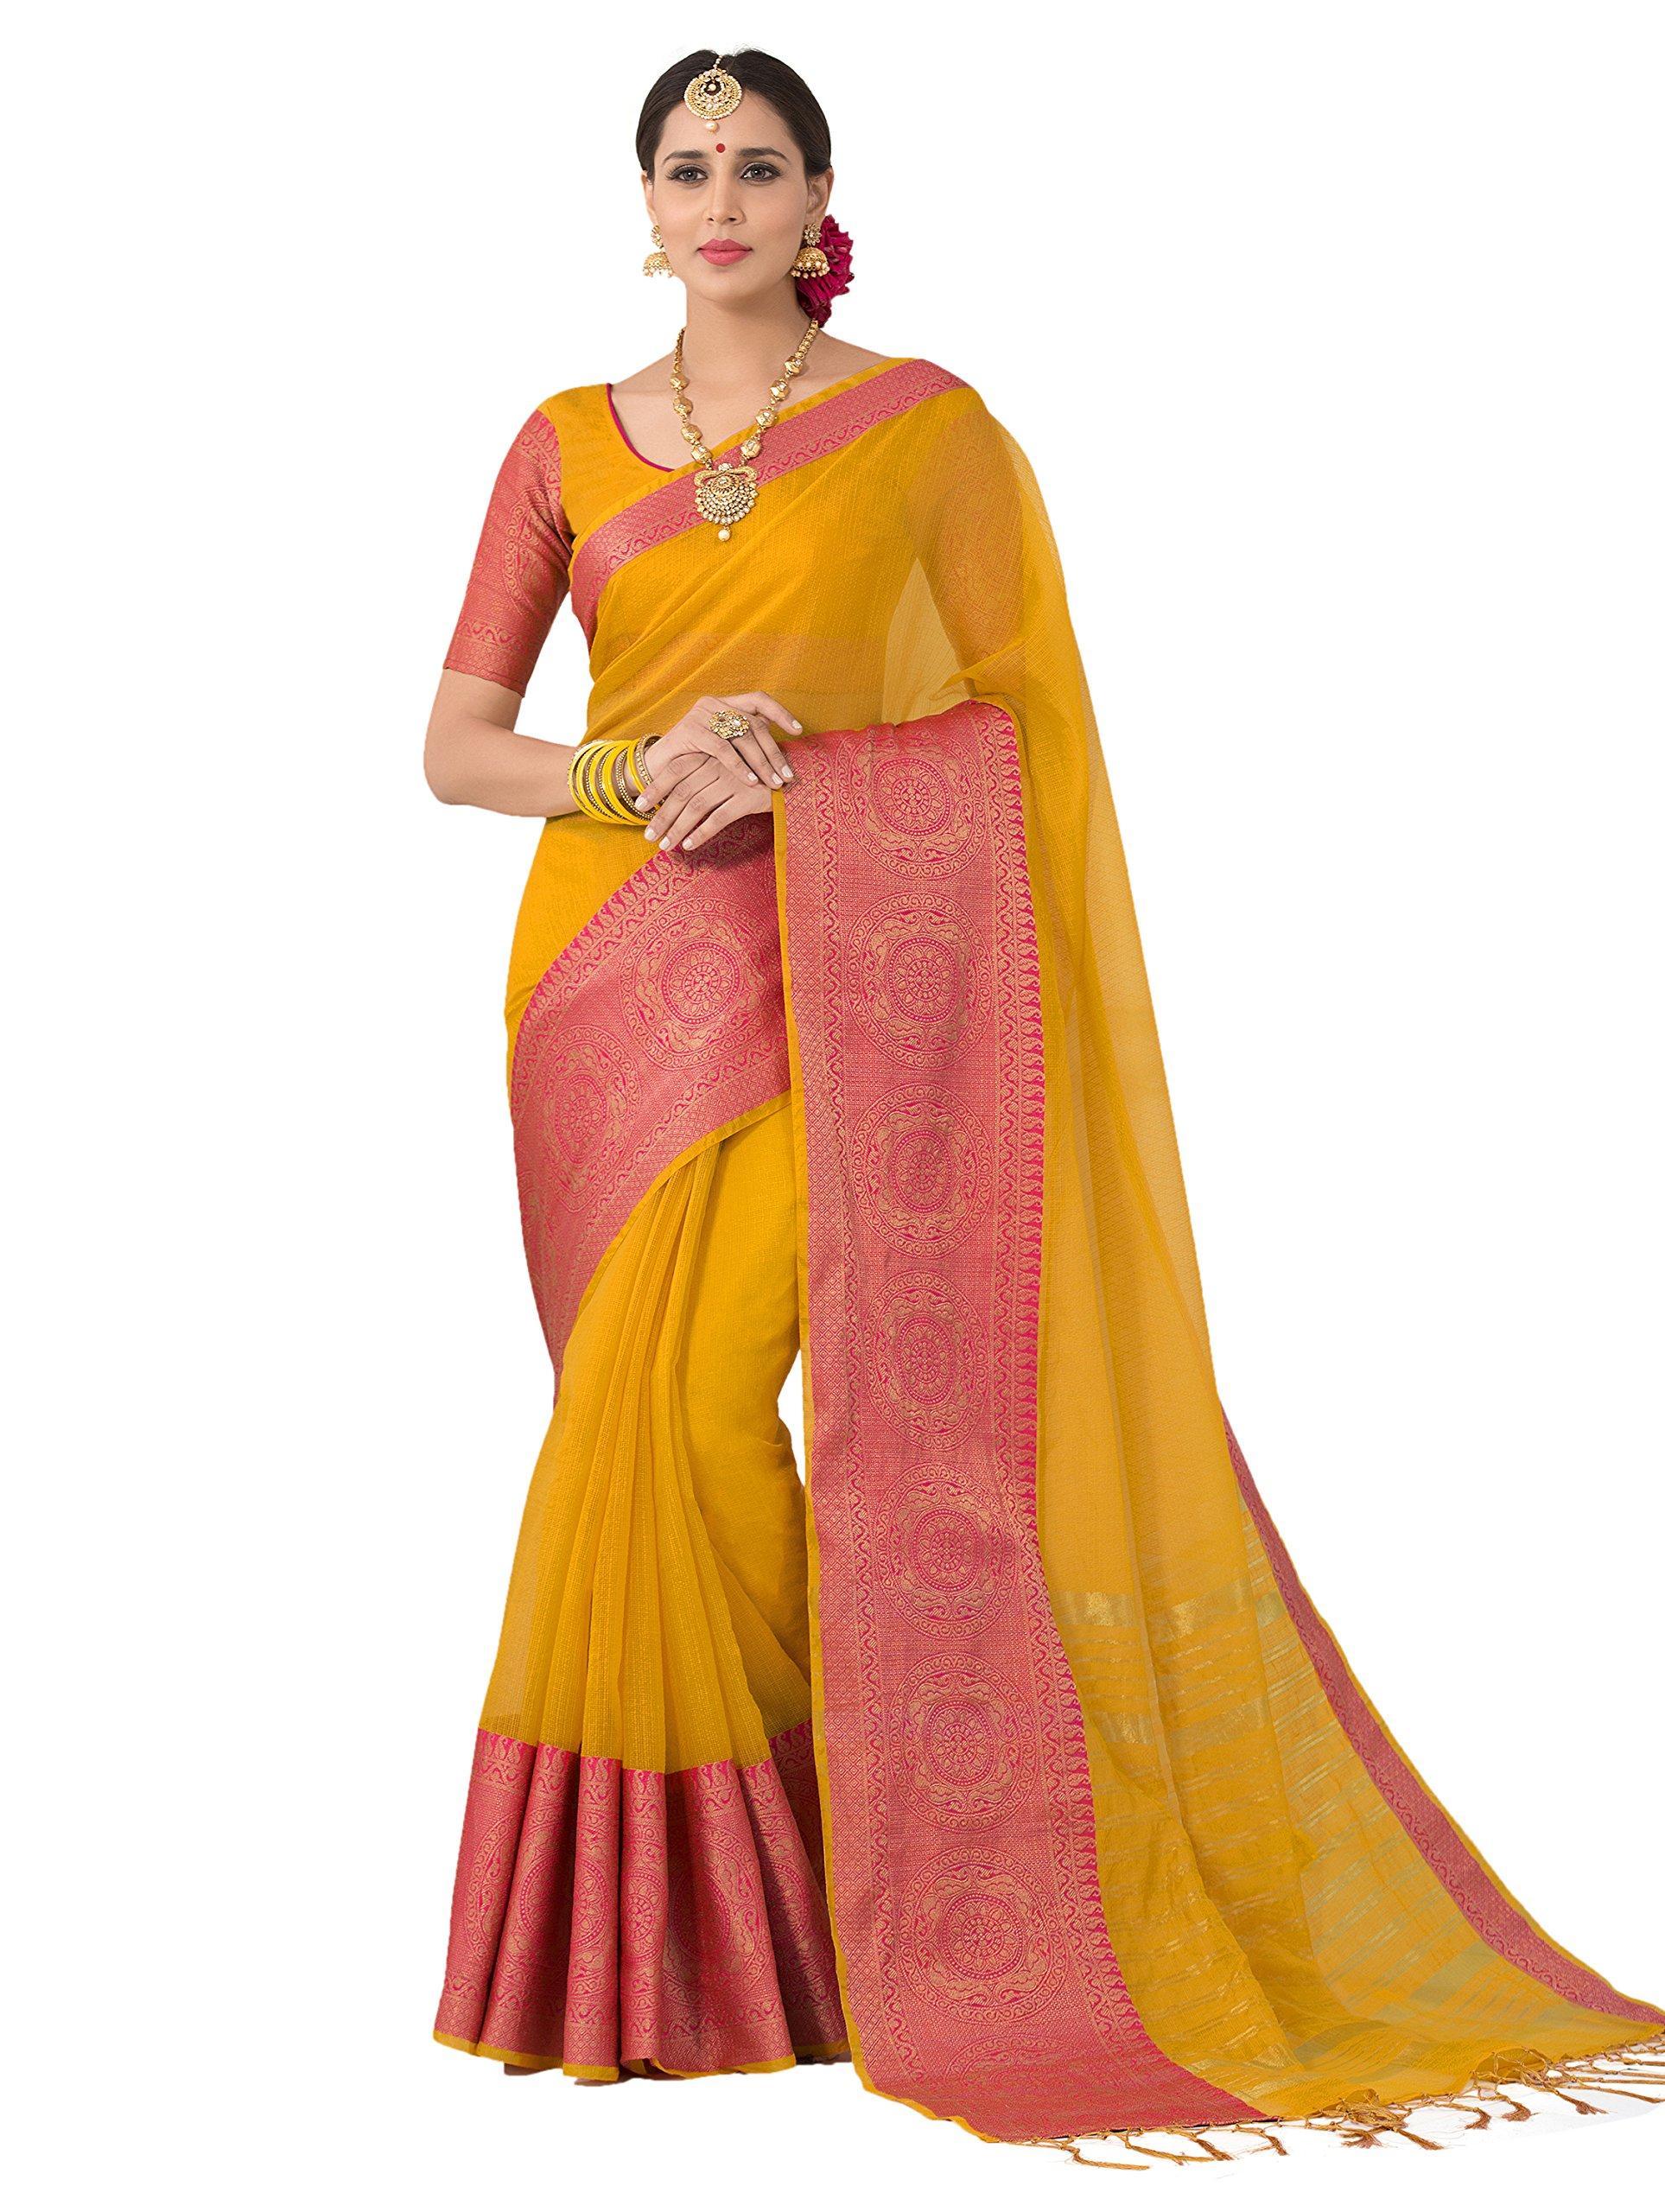 cb56a8eb8bed4 PISARA Women s Banarasi Cotton Silk Saree with Blouse Piece